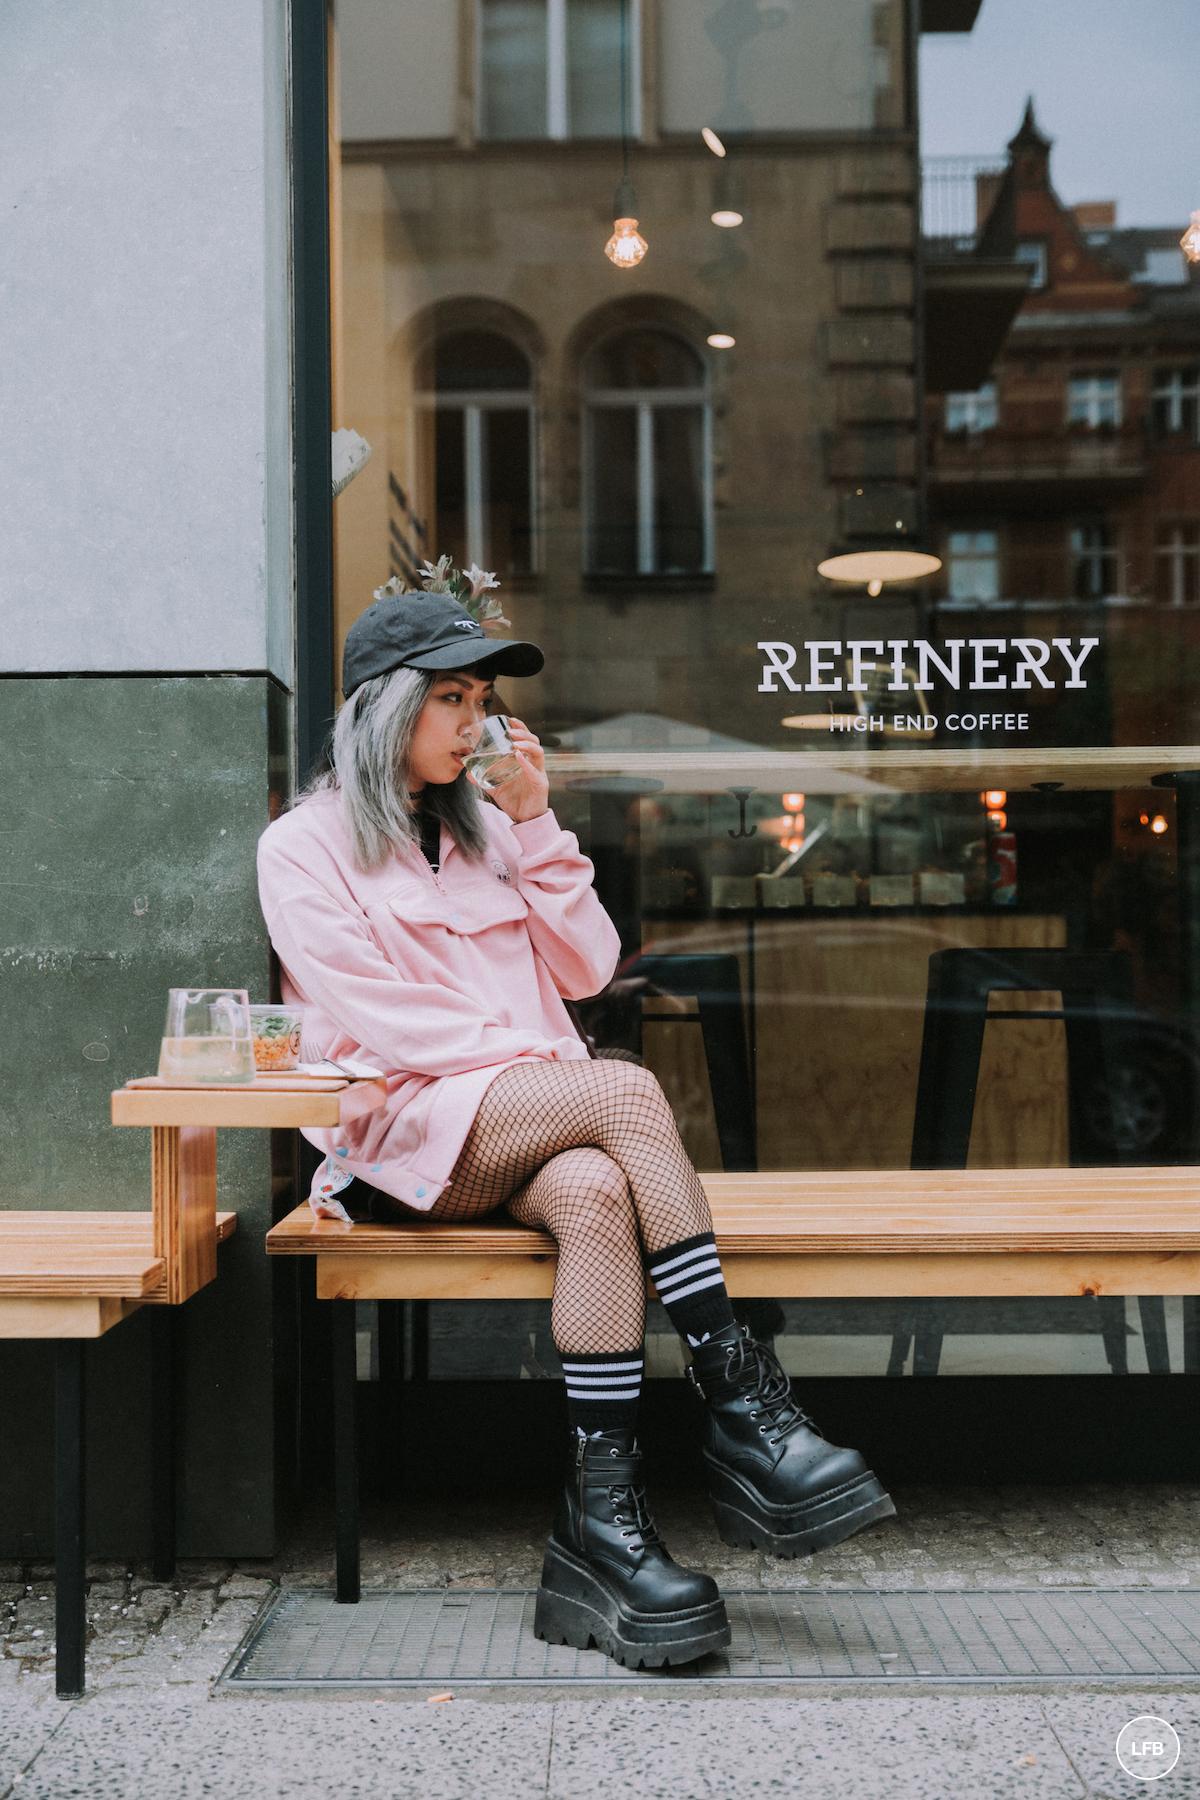 refinery_2